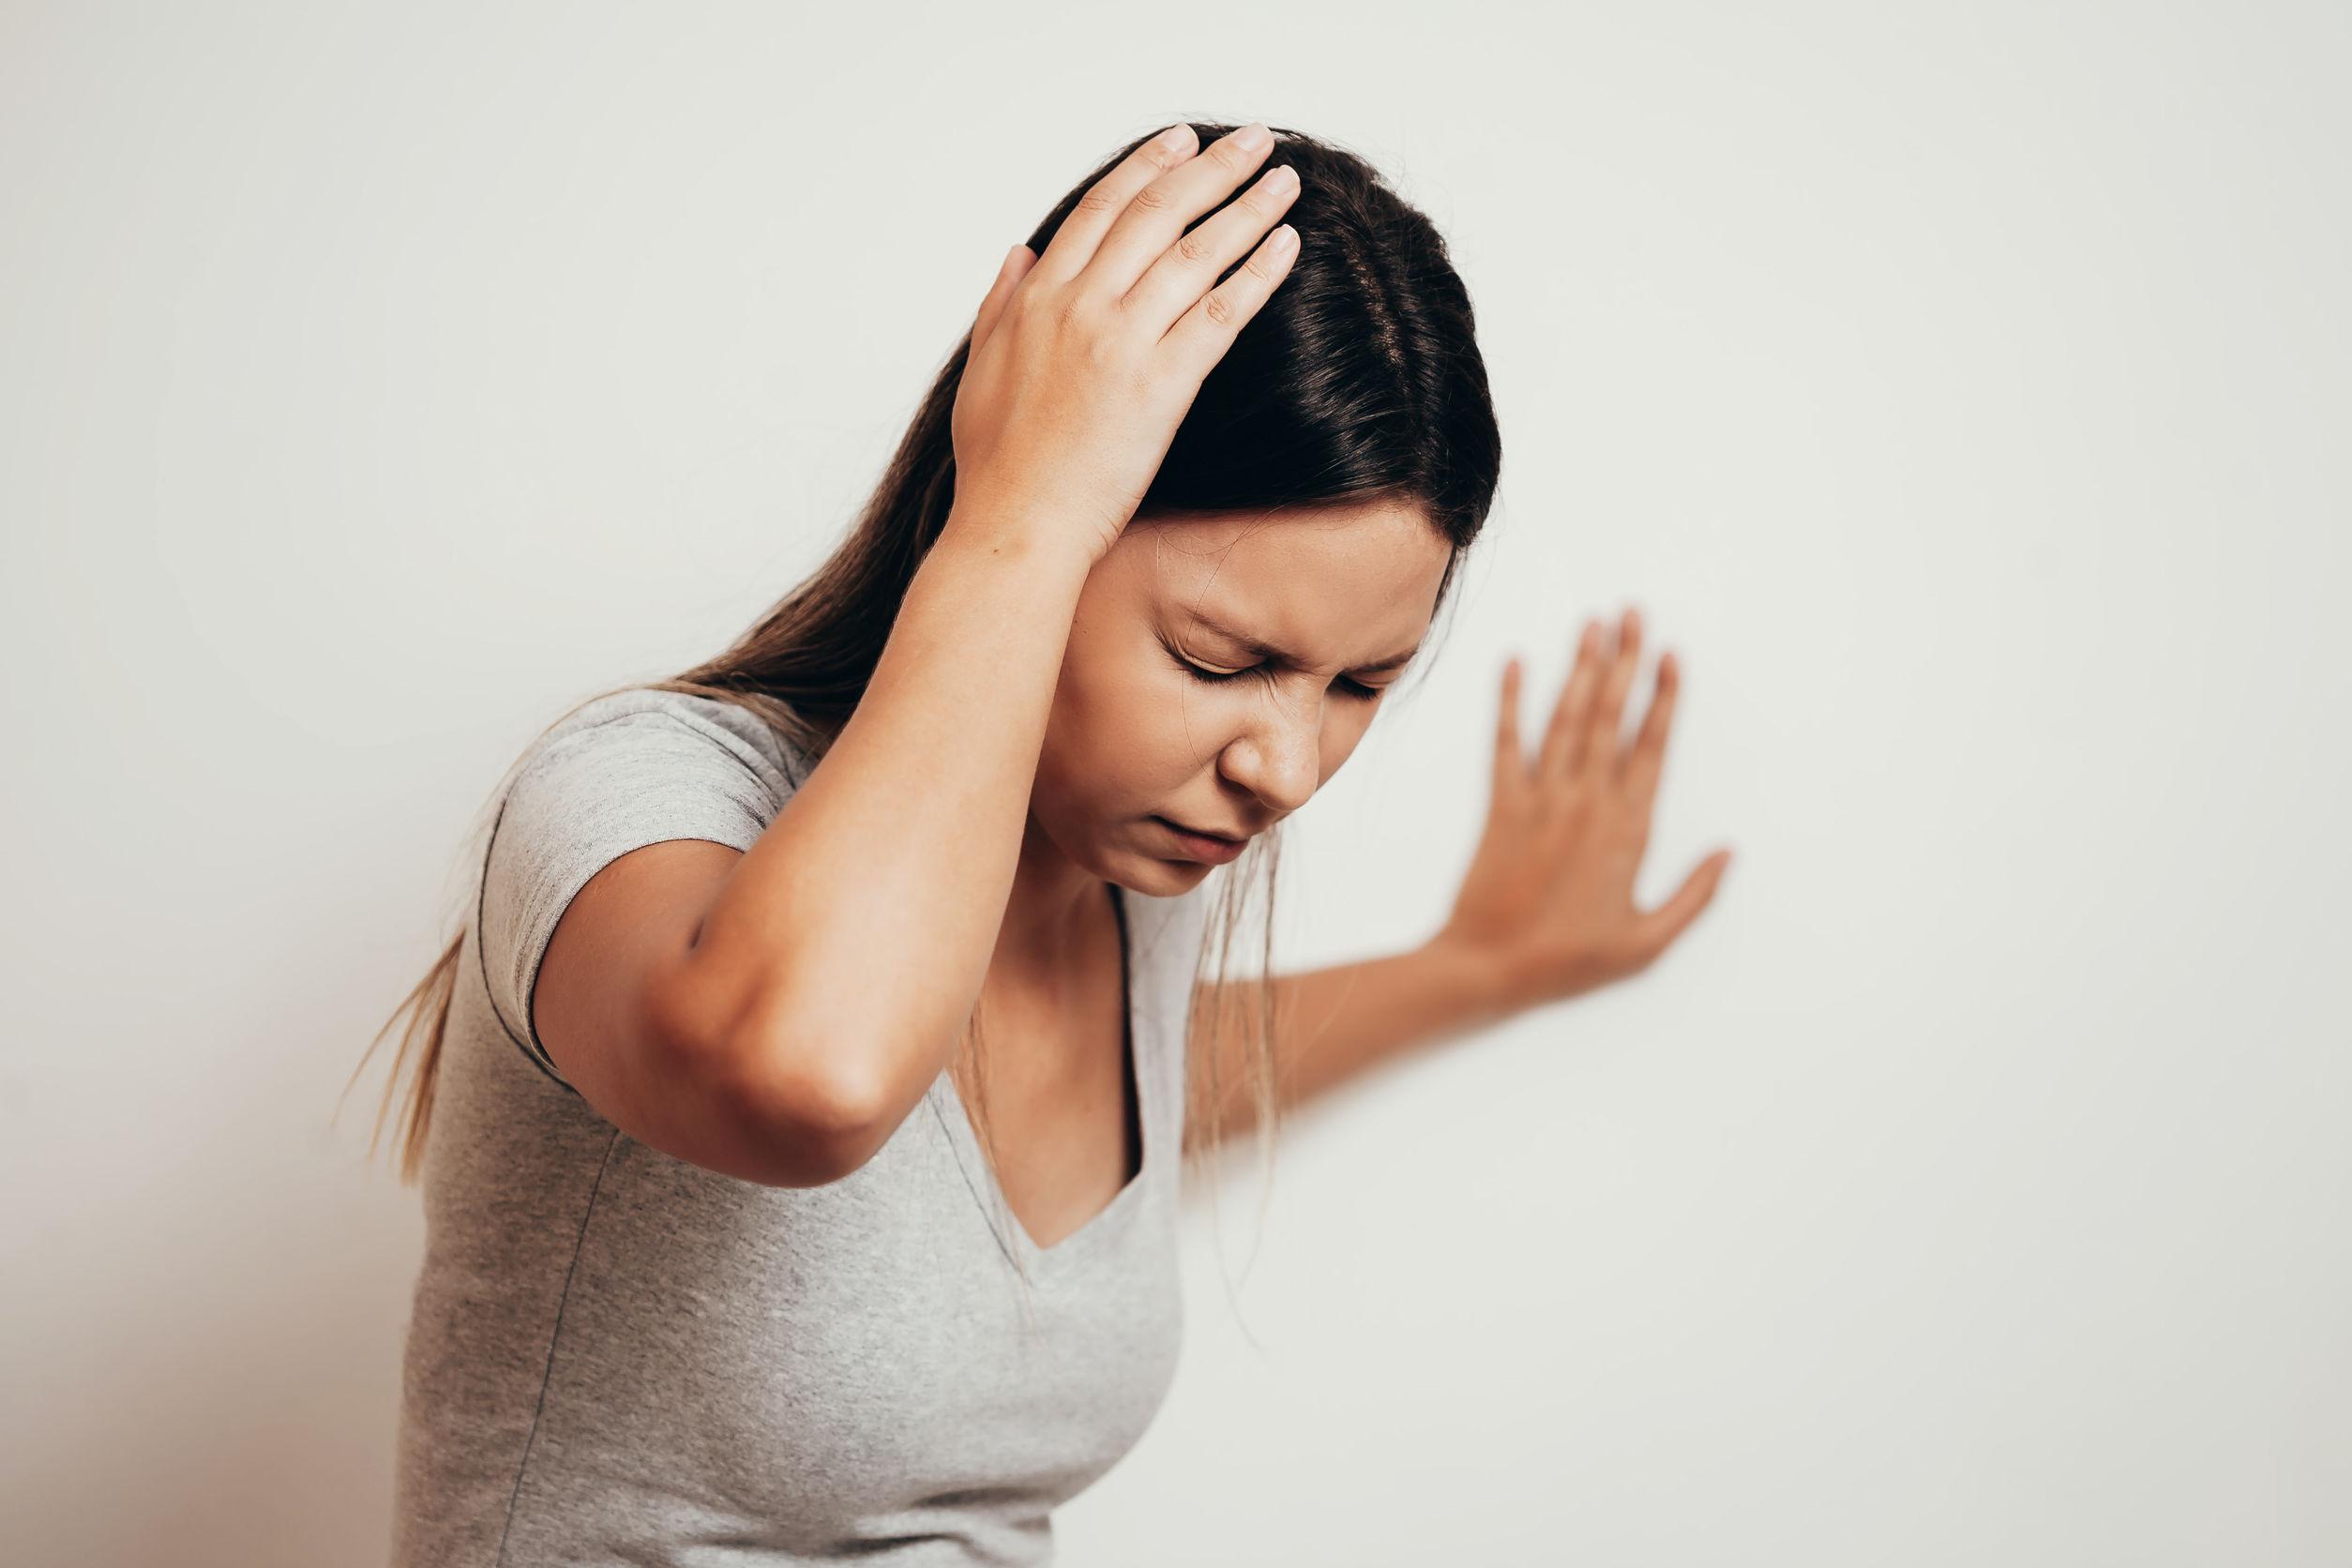 Vestibular and Non-Vestibular Causes of Dizziness